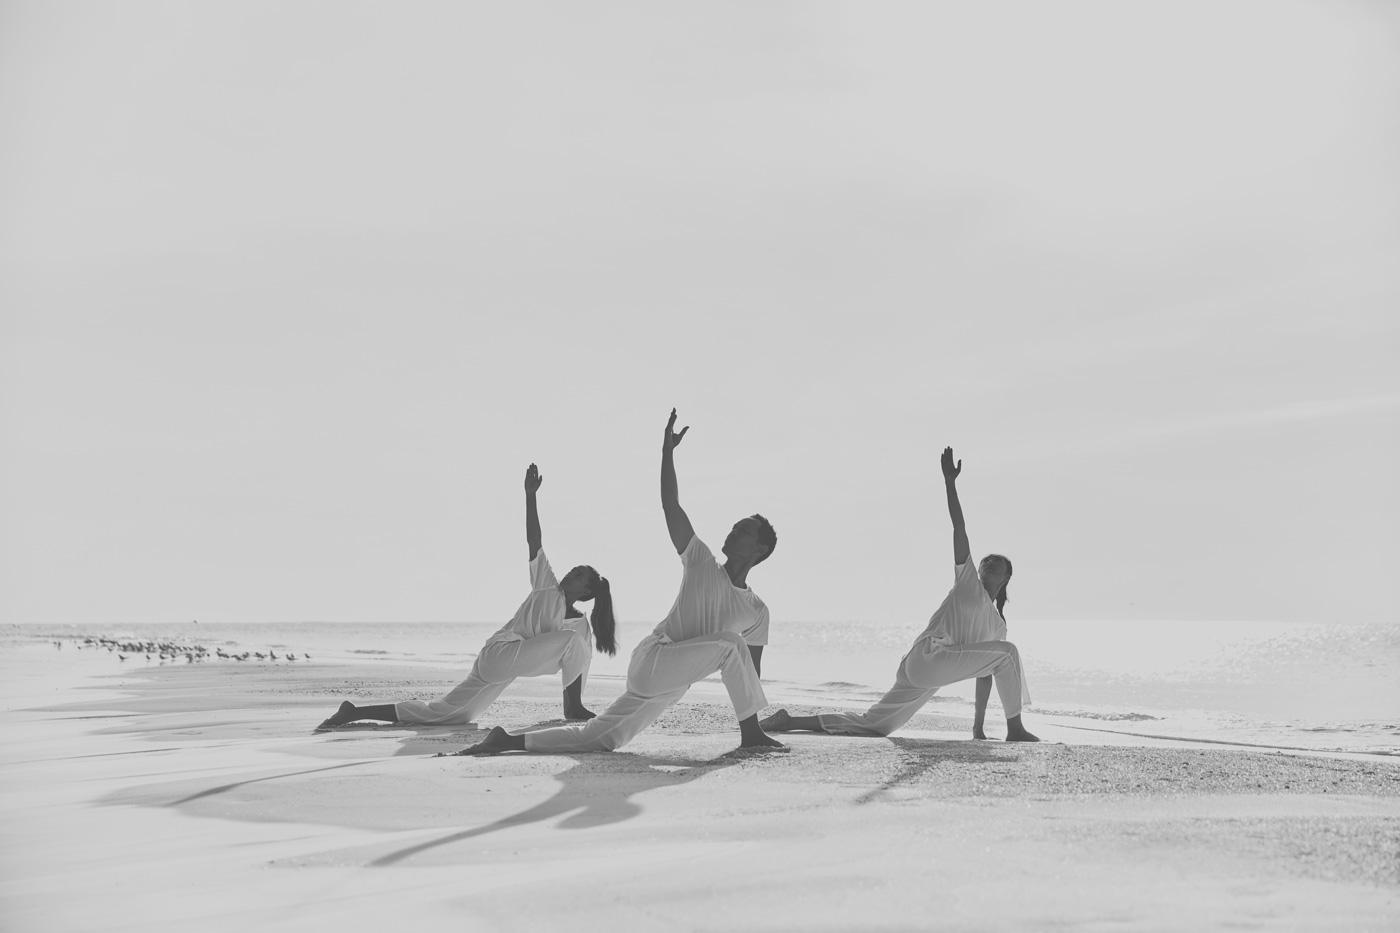 Menschen machen Yoga auf einer Sandbank